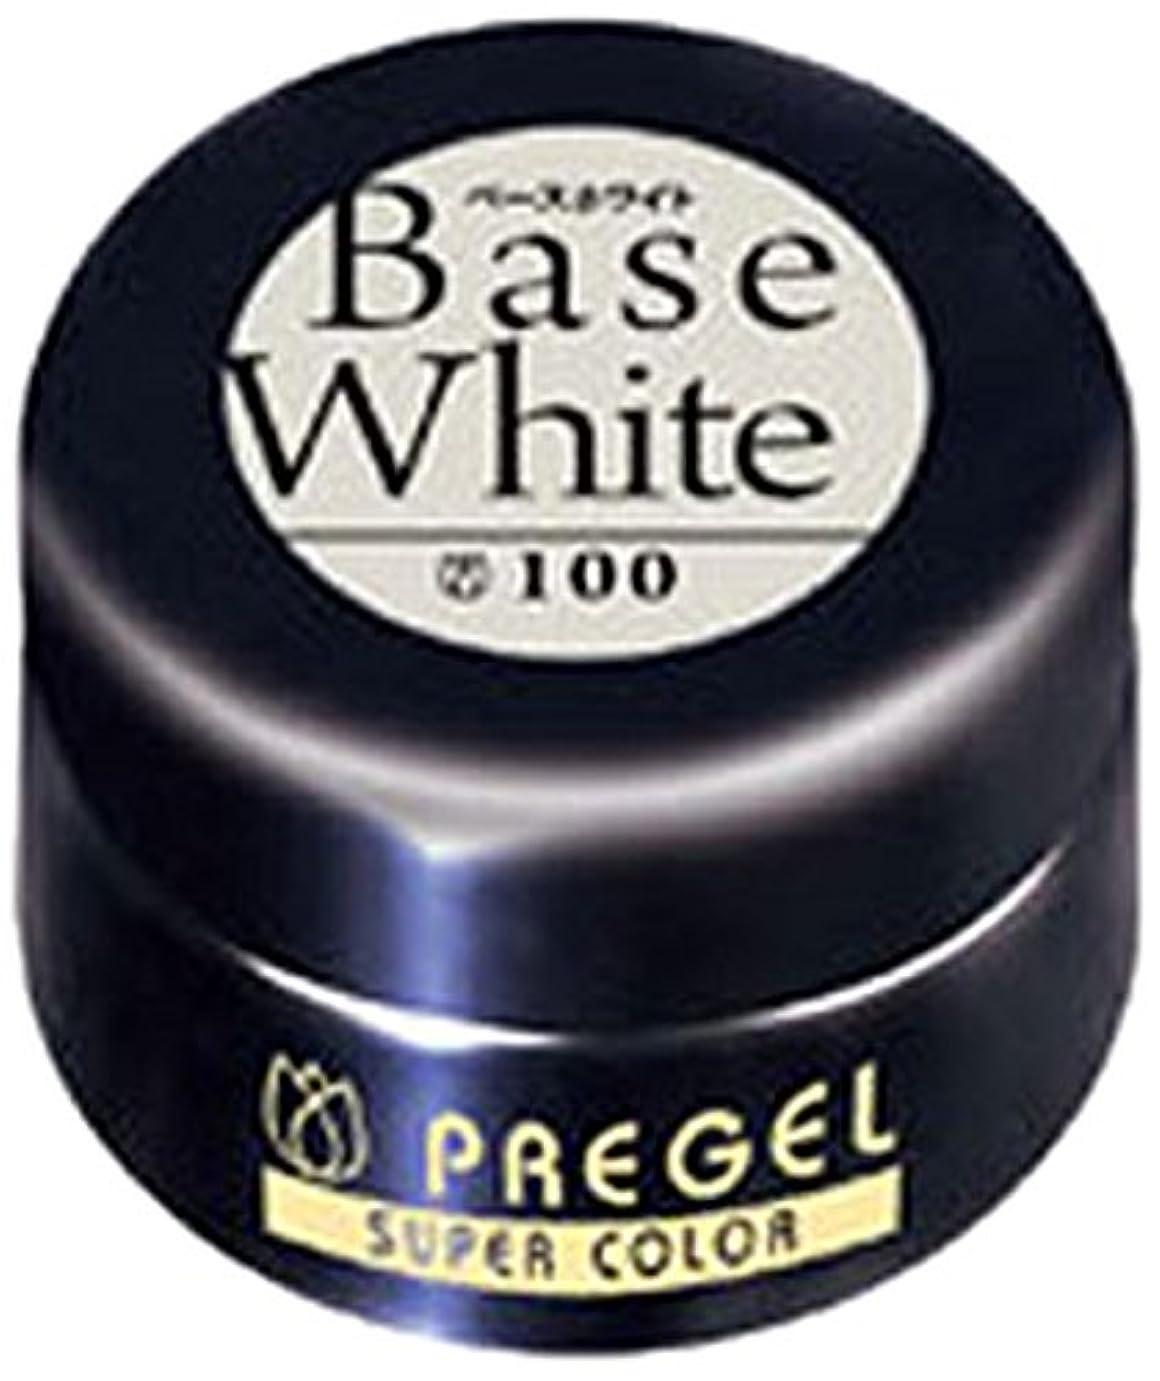 無効にする機構ファンネルウェブスパイダープリジェル スーパーカラーEX ベースホワイト 4g PG-SE100 カラージェル